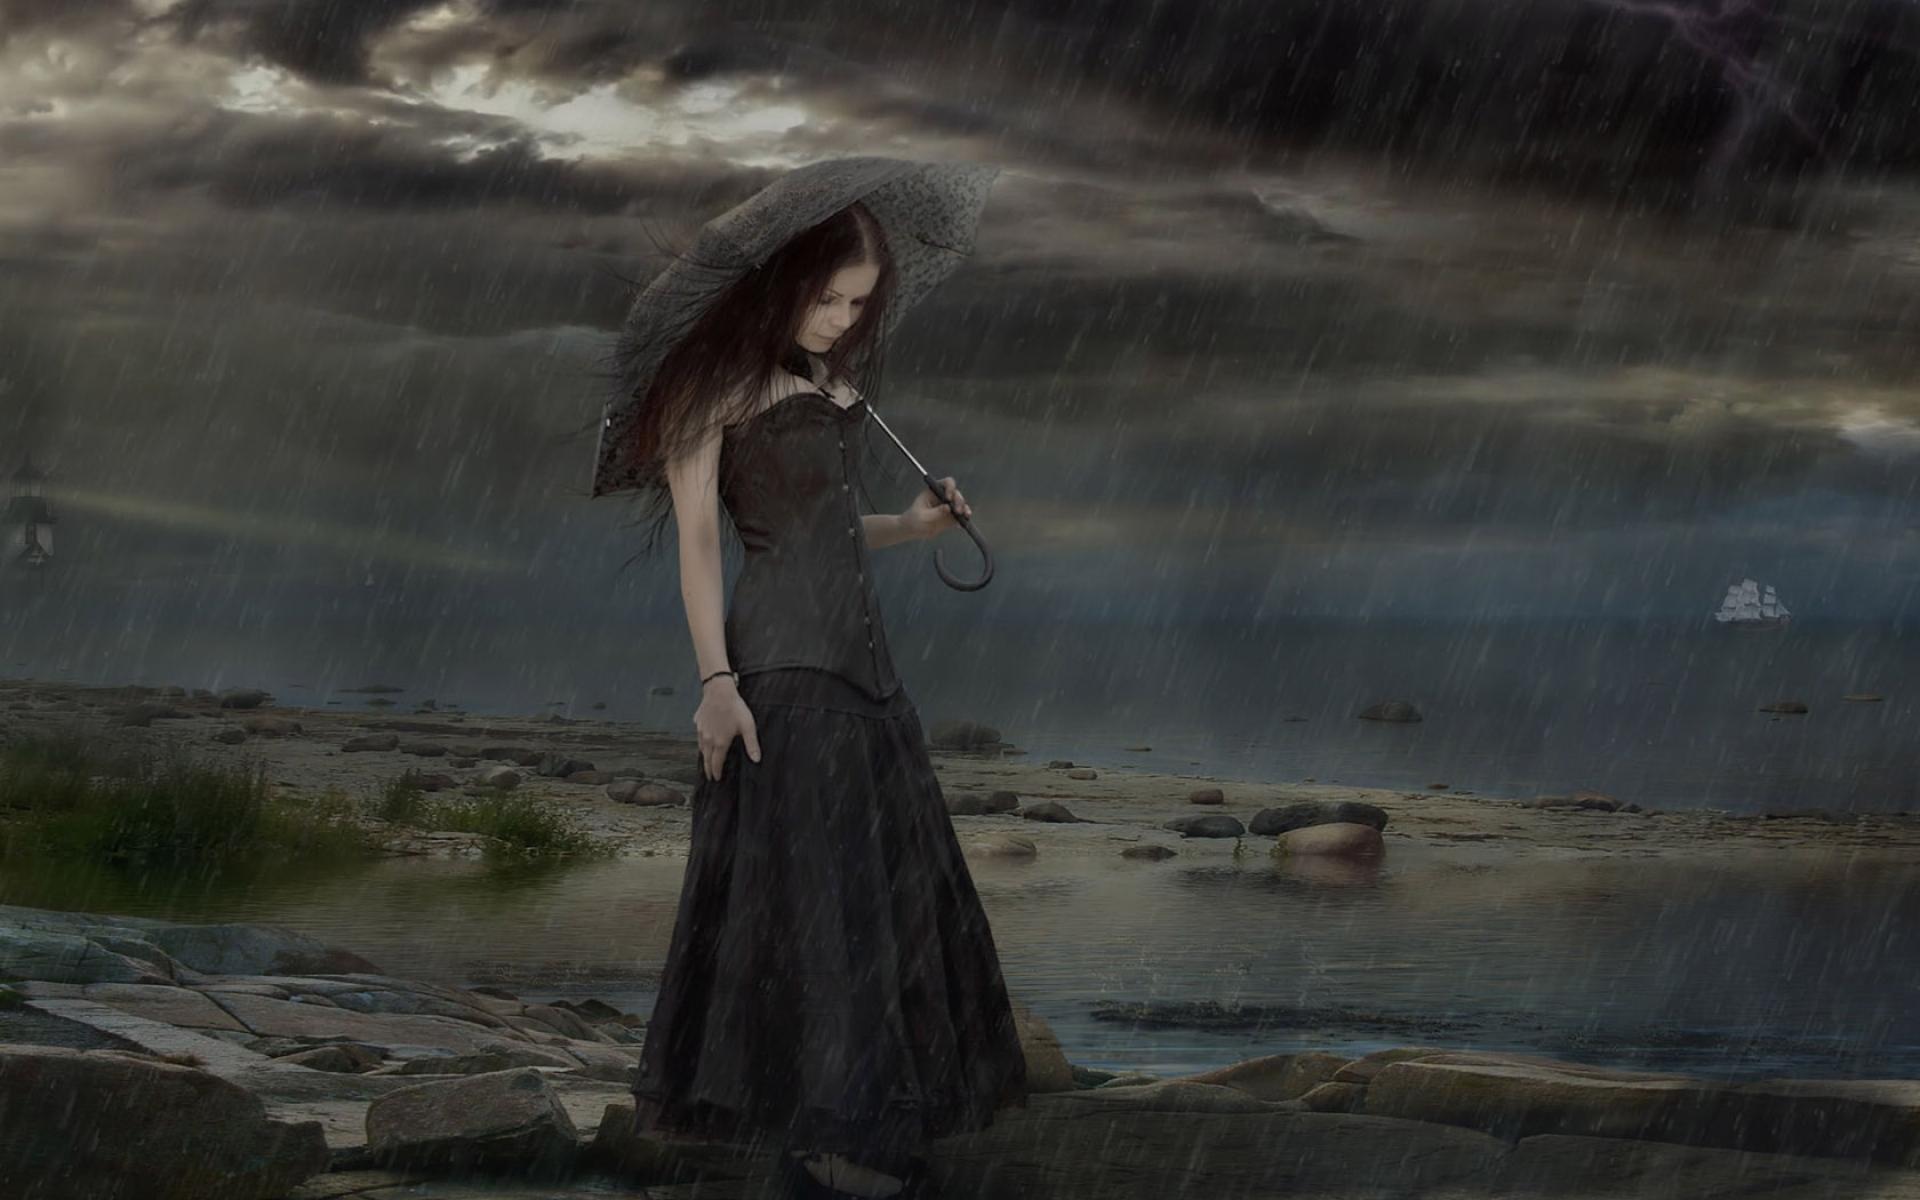 Картинки о дожде и грусти, месяц